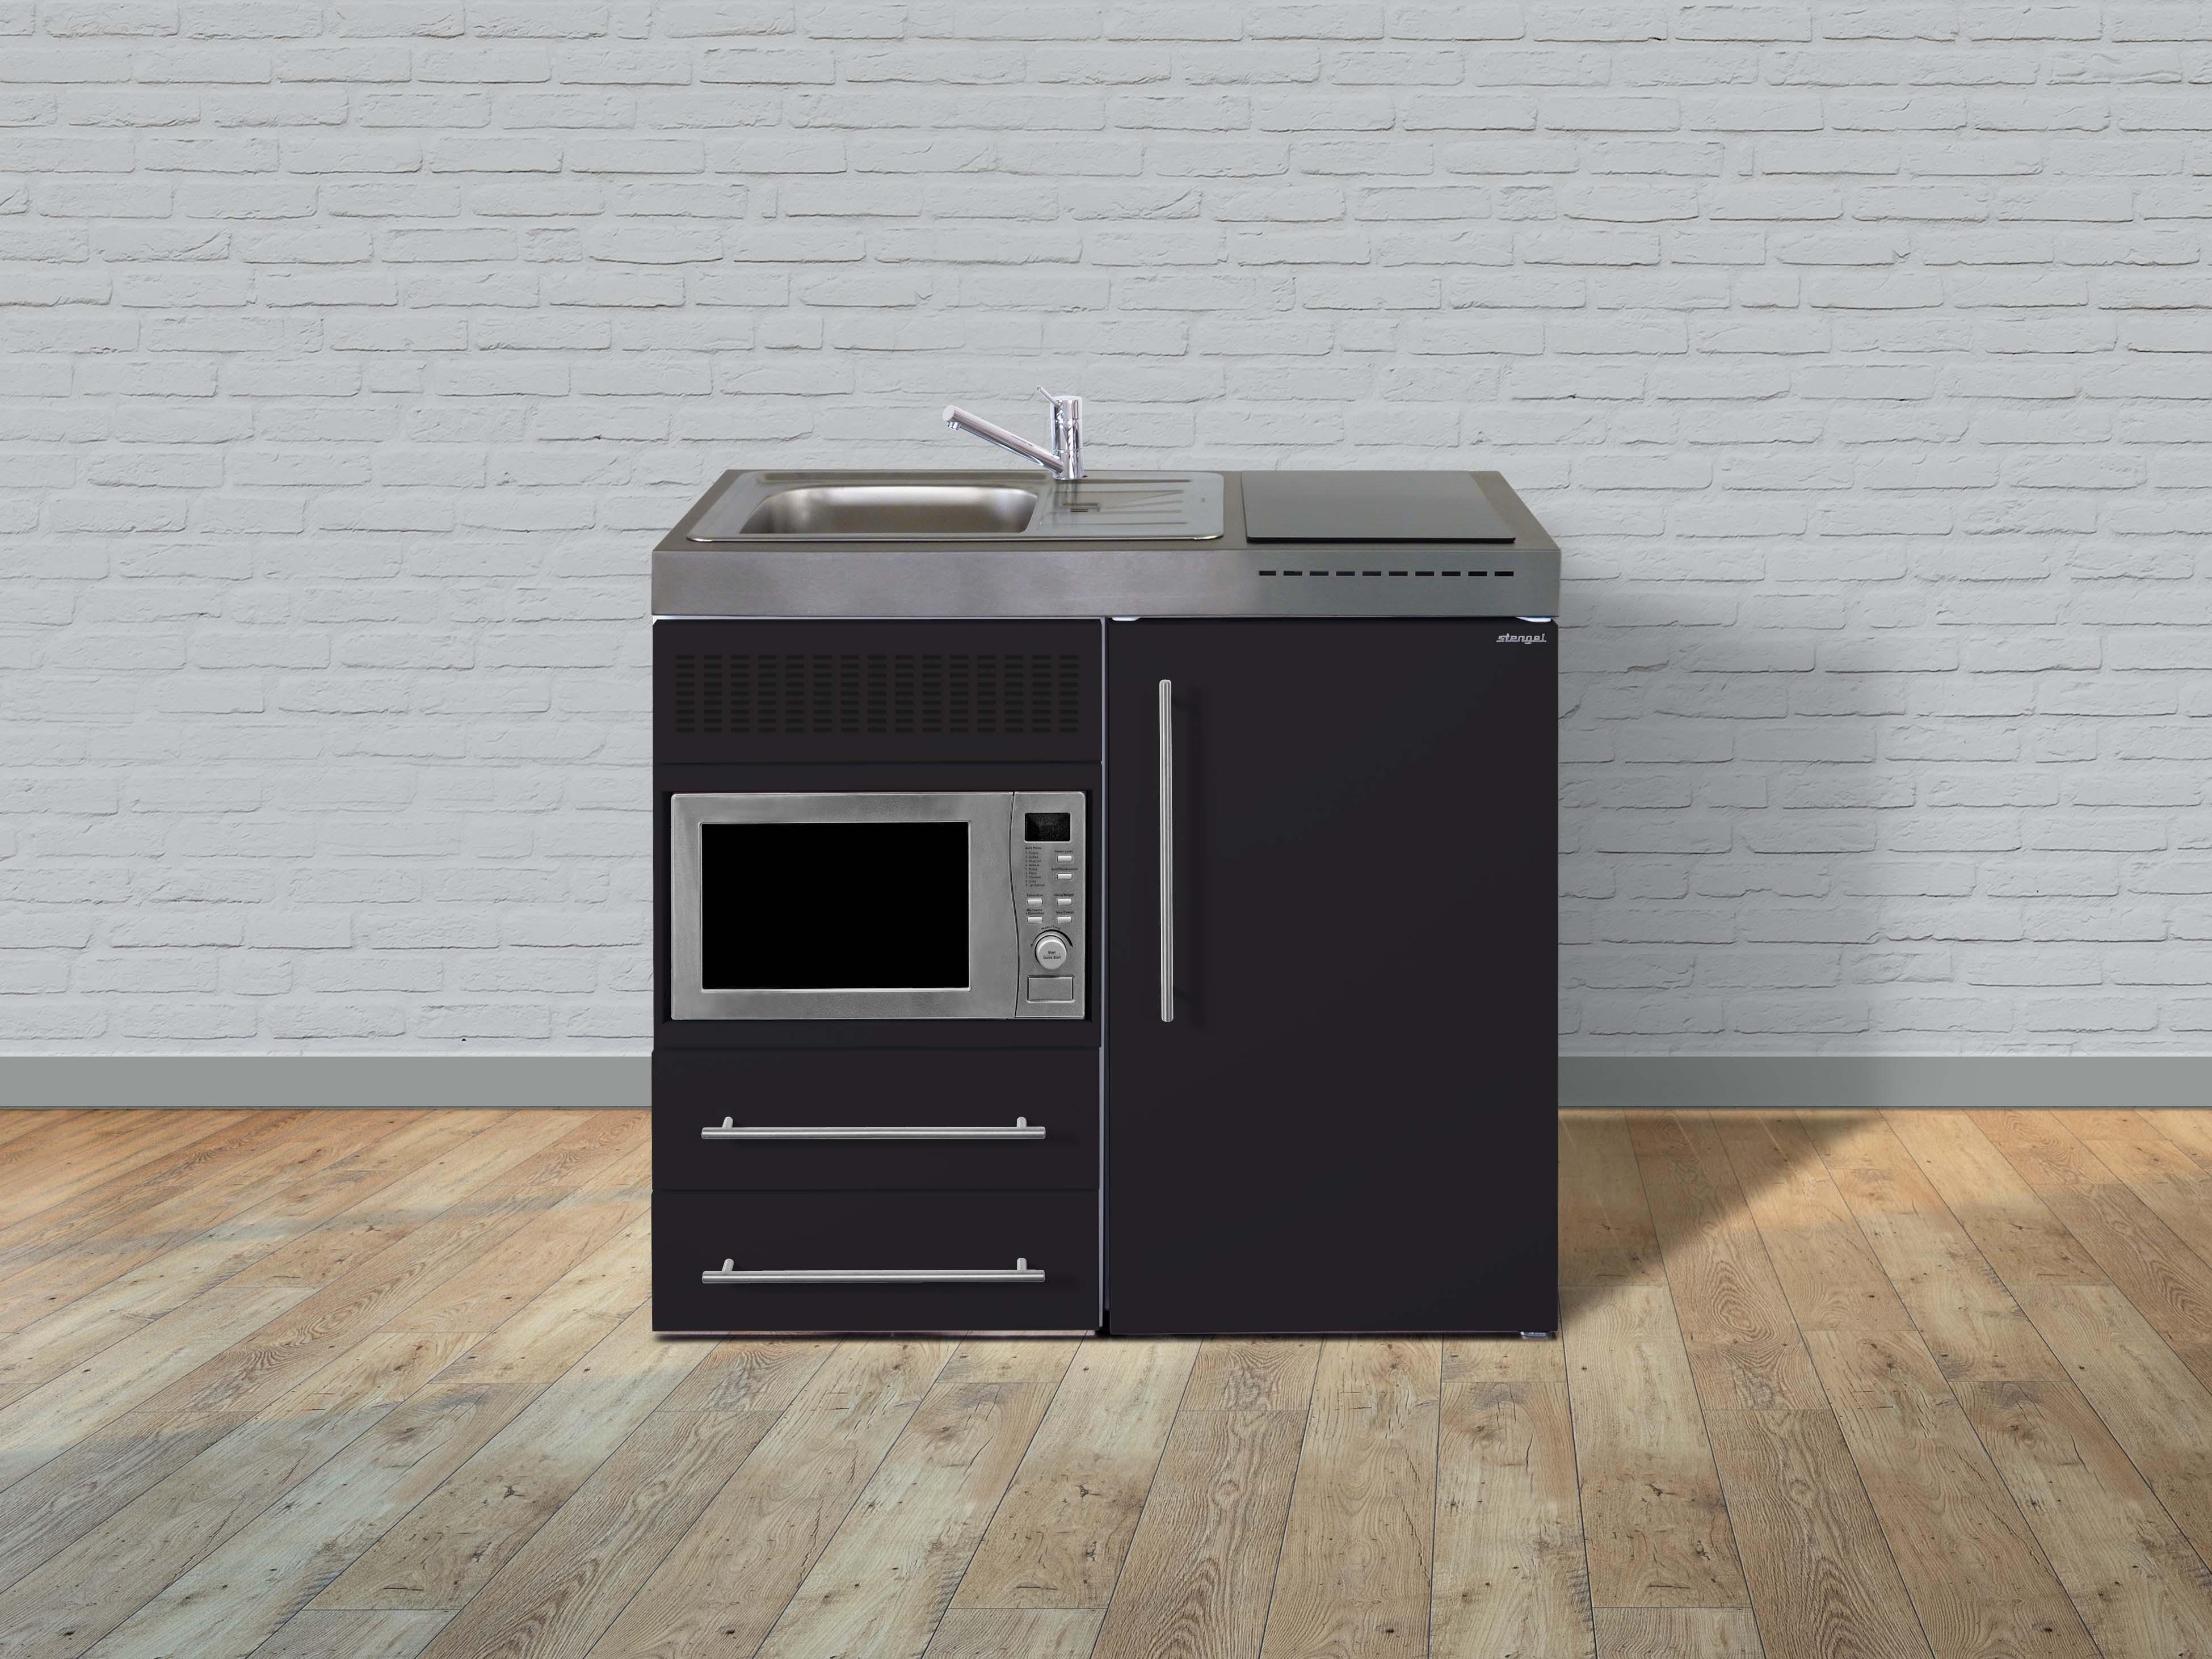 Miniküche Mit Kühlschrank 130 Cm : Stengel metall miniküche premiumline mpm kühlschrank